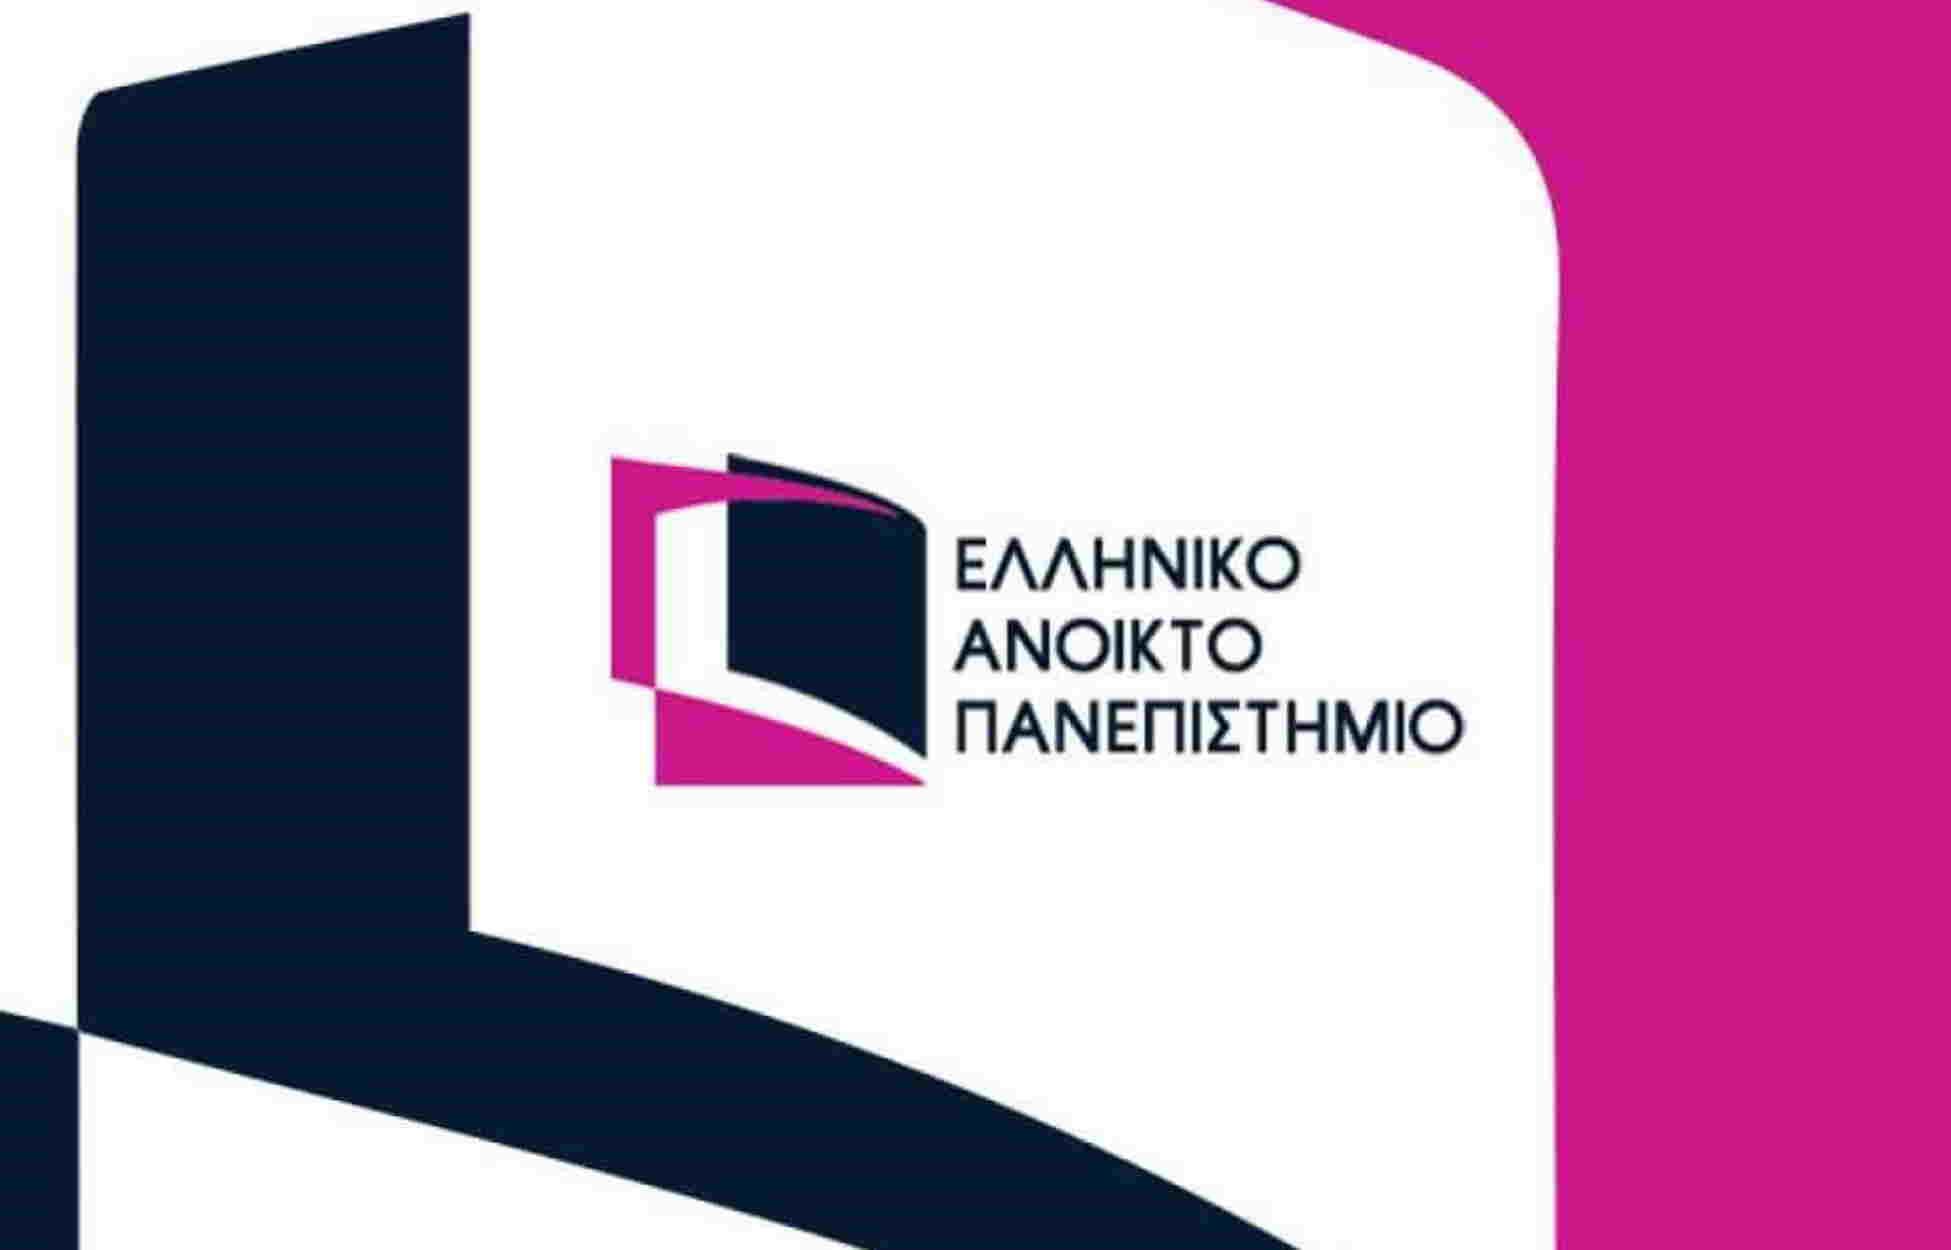 Ελληνικό Ανοικτό Πανεπιστήμιο: Ξεκίνησαν οι αιτήσεις